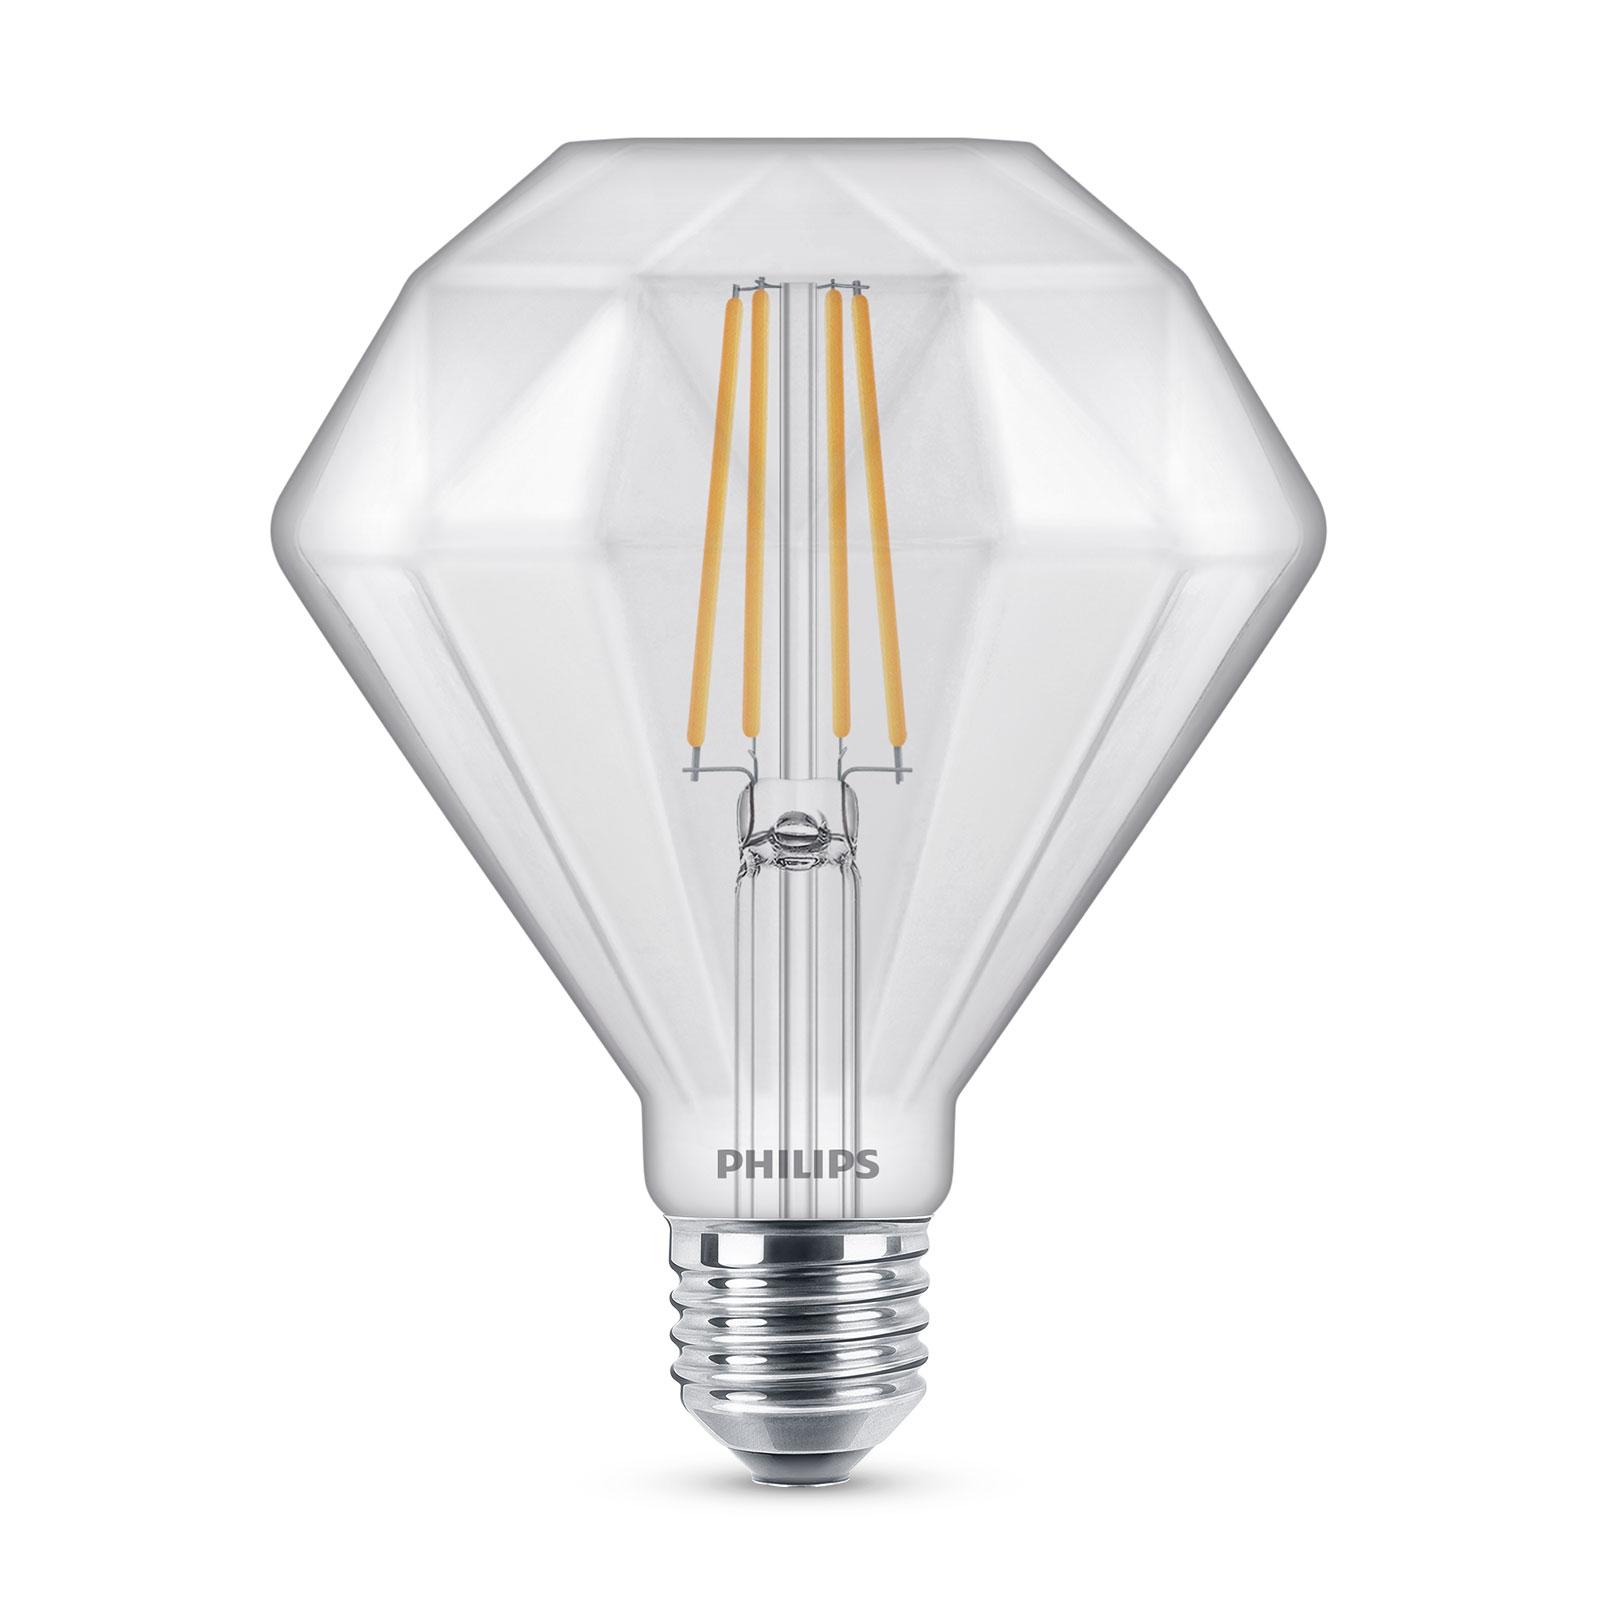 Philips Classic Diamond LED-Lampe E27 5W